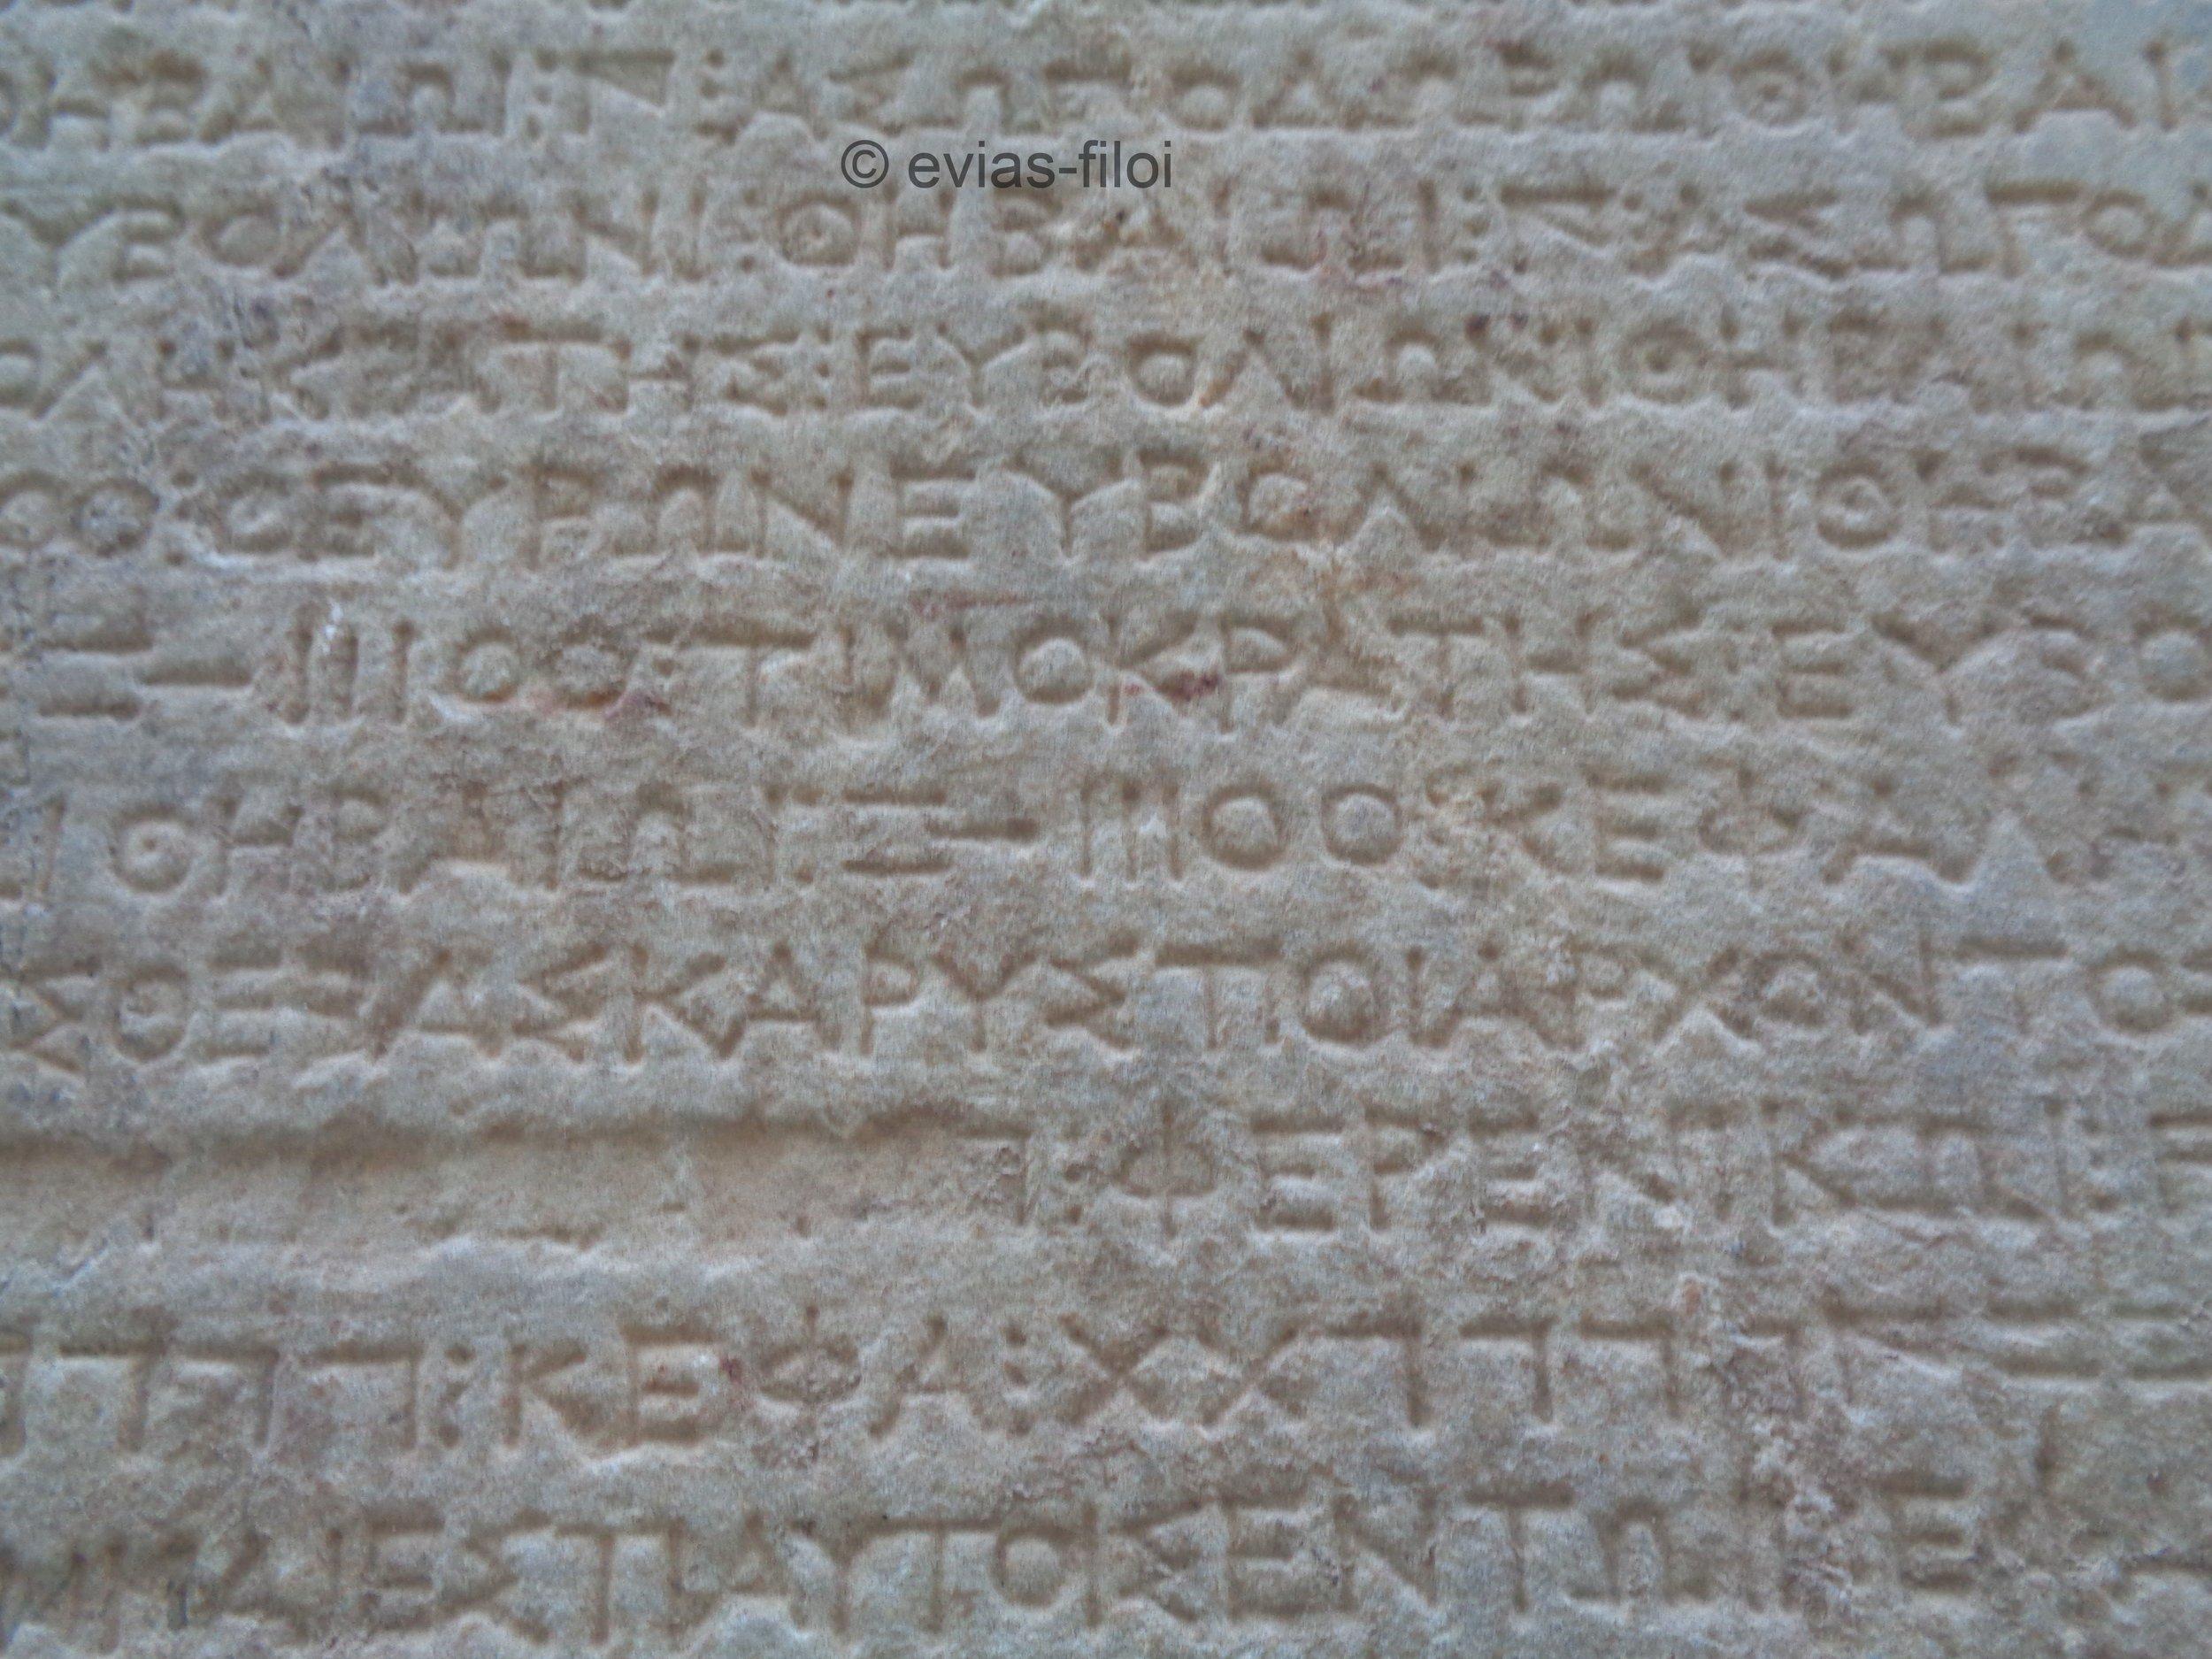 Παλαιοχώρα. Ενεπίγραφη απολογιστική στήλη, αναφέρουσα οφειλές δήμου Καρύστου σε ιδιώτες δανειστές από Ιστιαία και Θήβα (γύρω στο 370 π.Χ.)